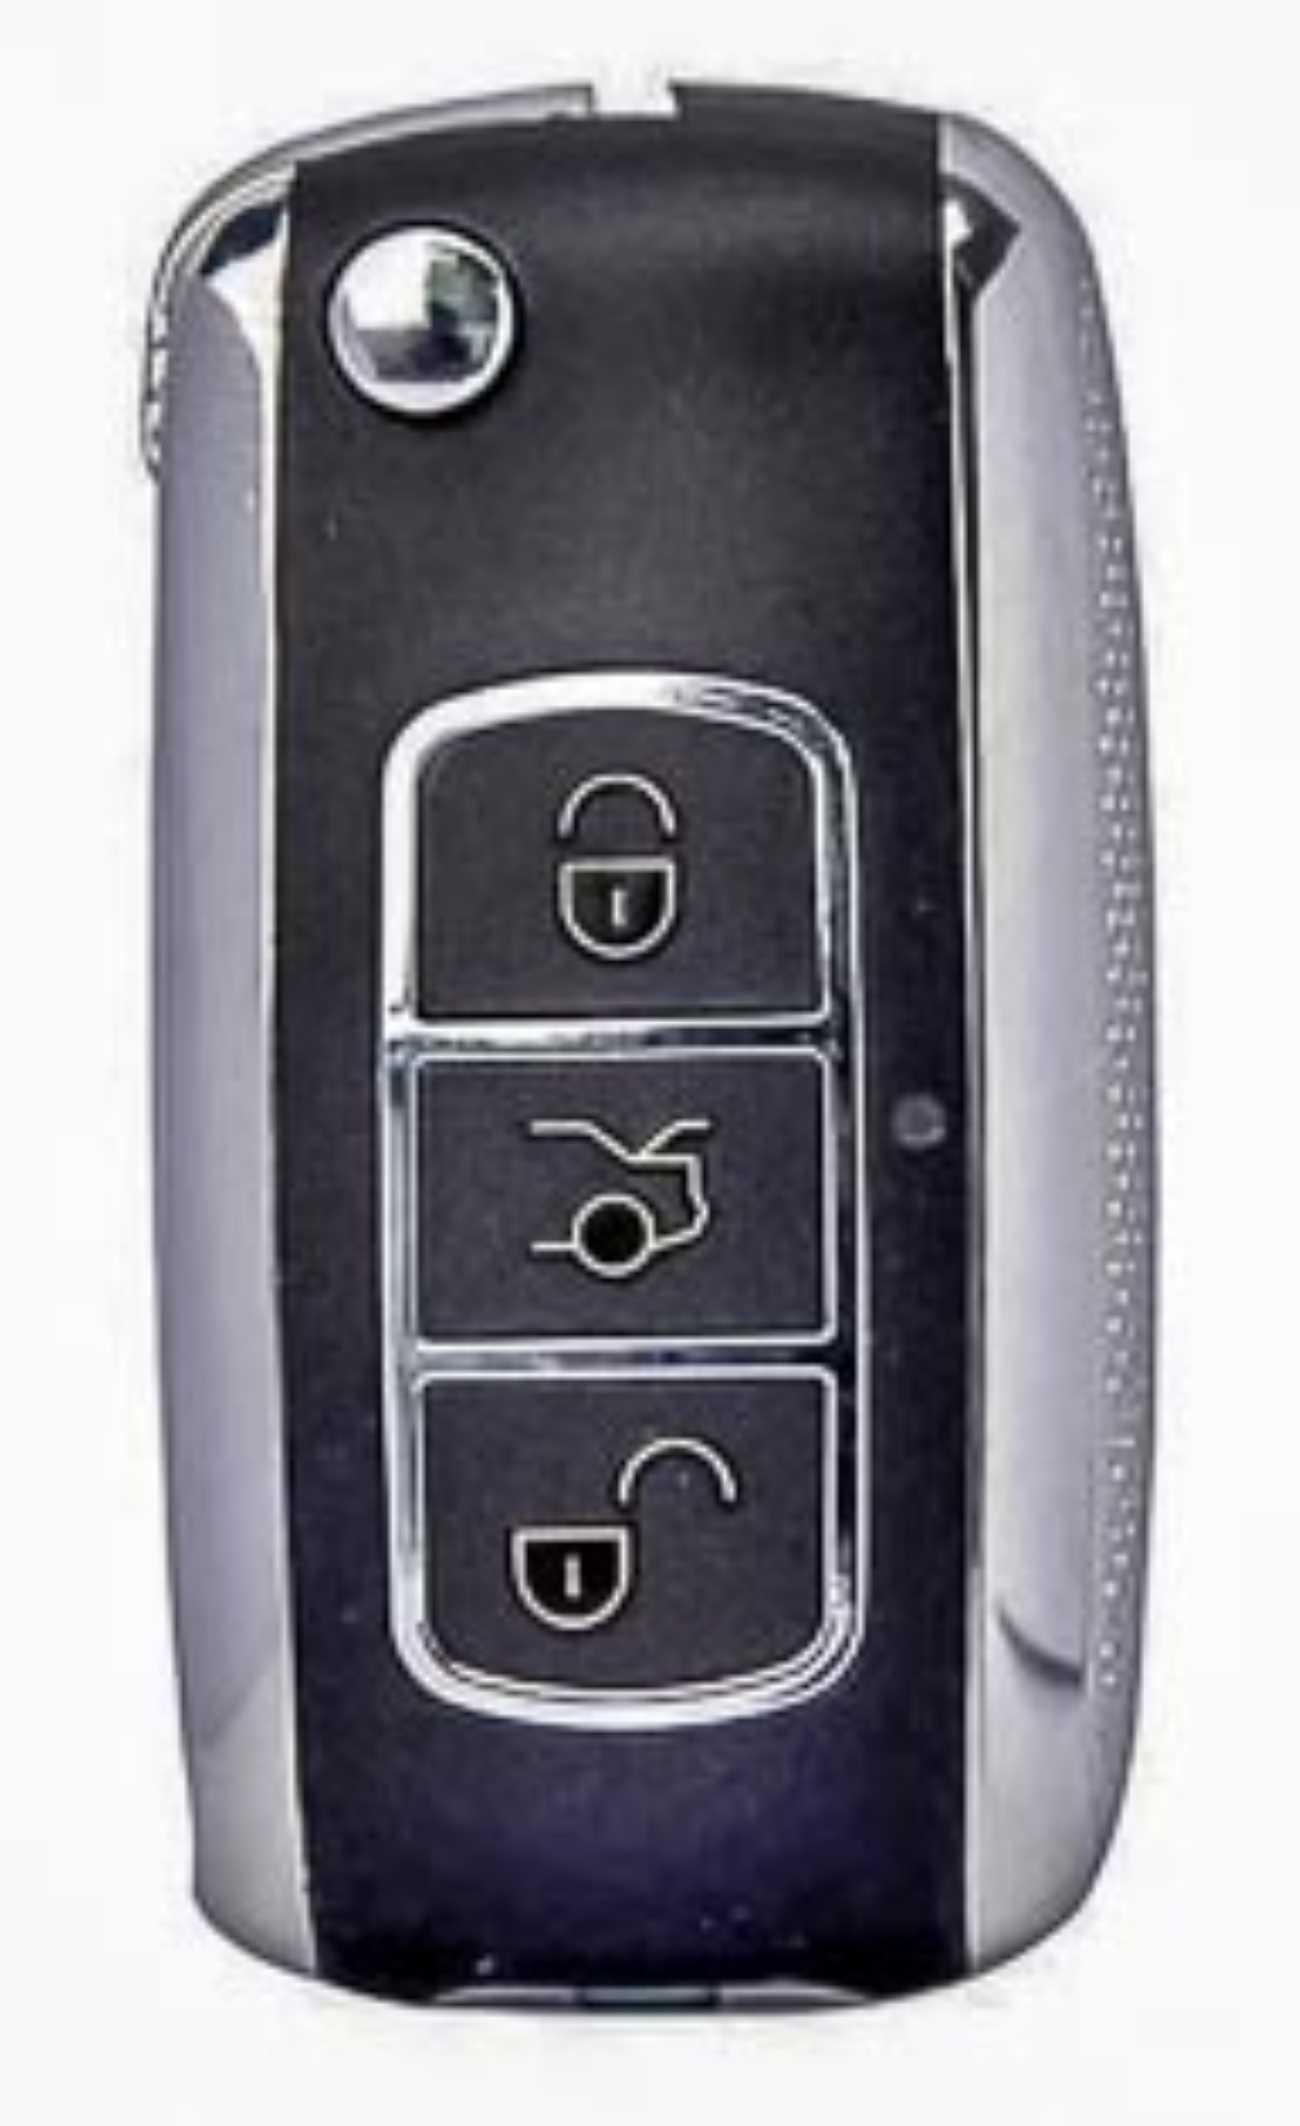 Lexus Autoschlüssel Nachmachen